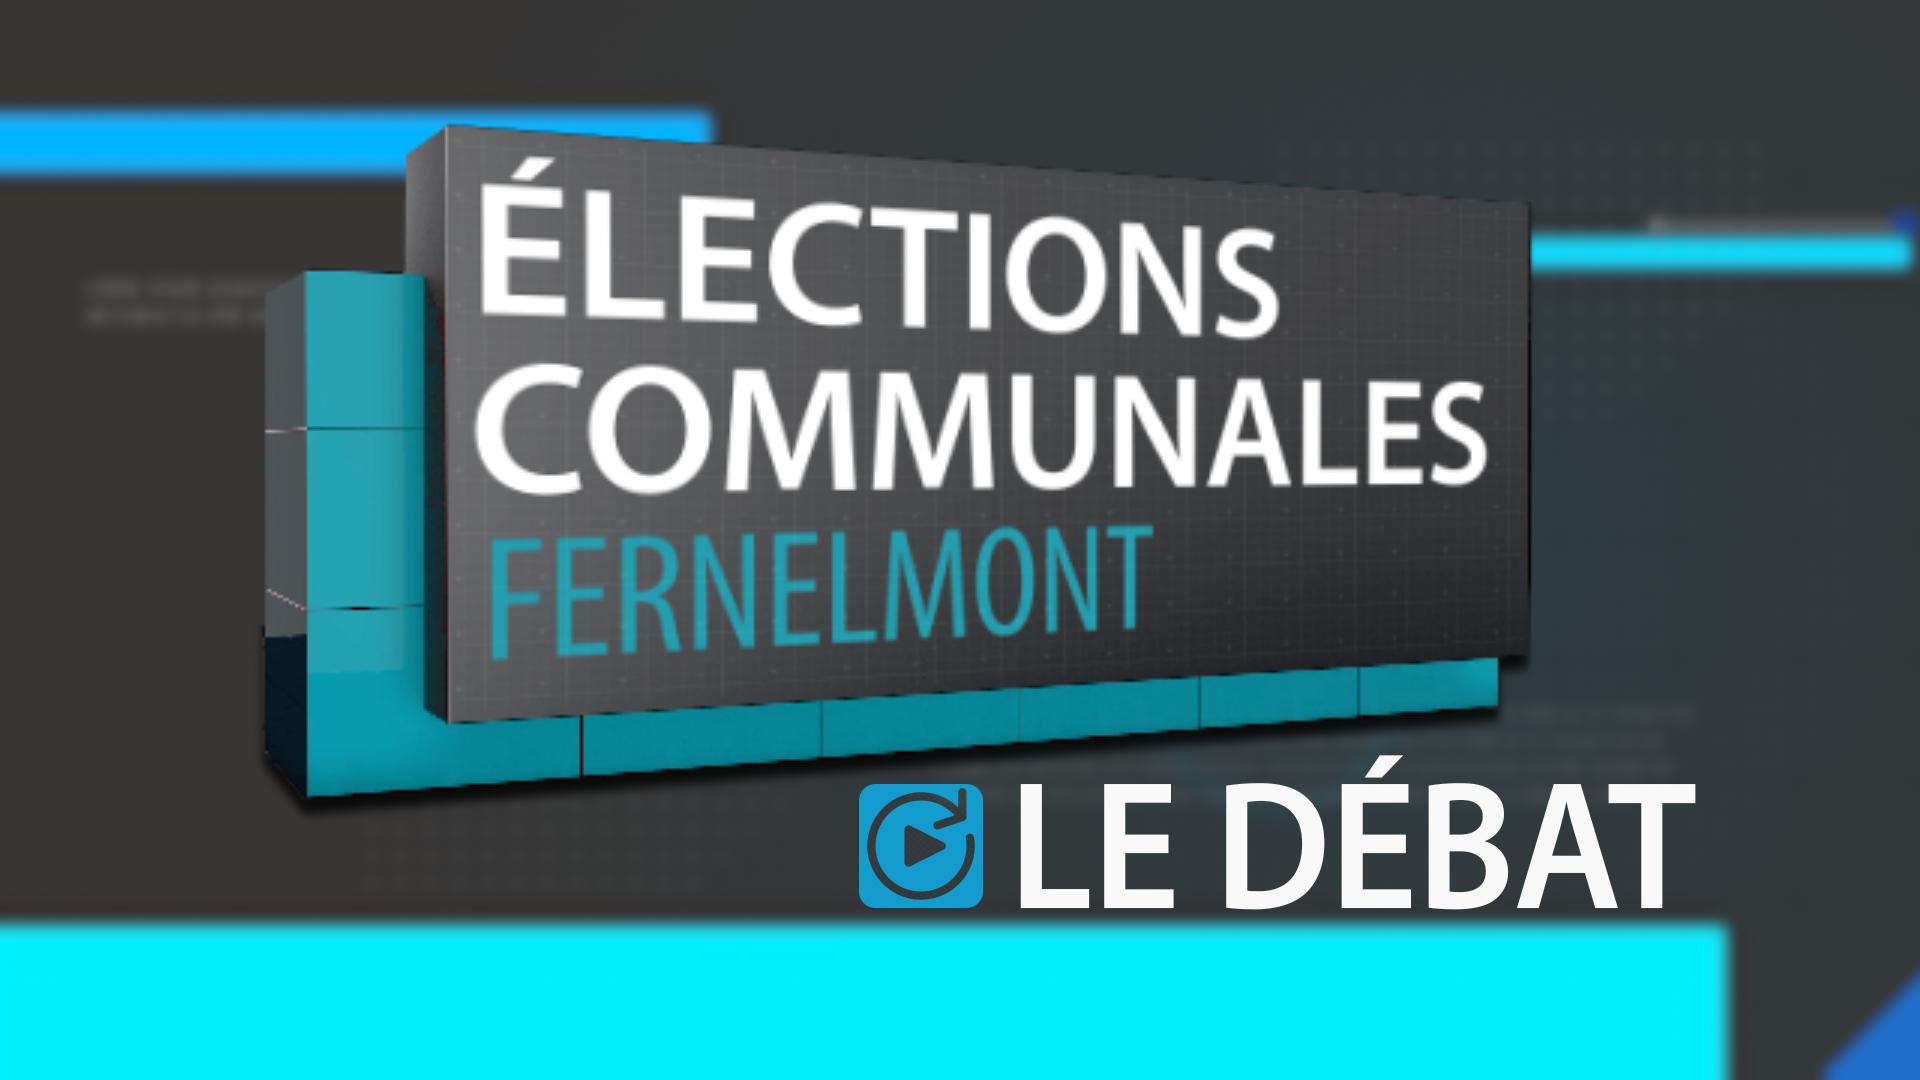 Communales 2018 : Fernelmont - Le débat